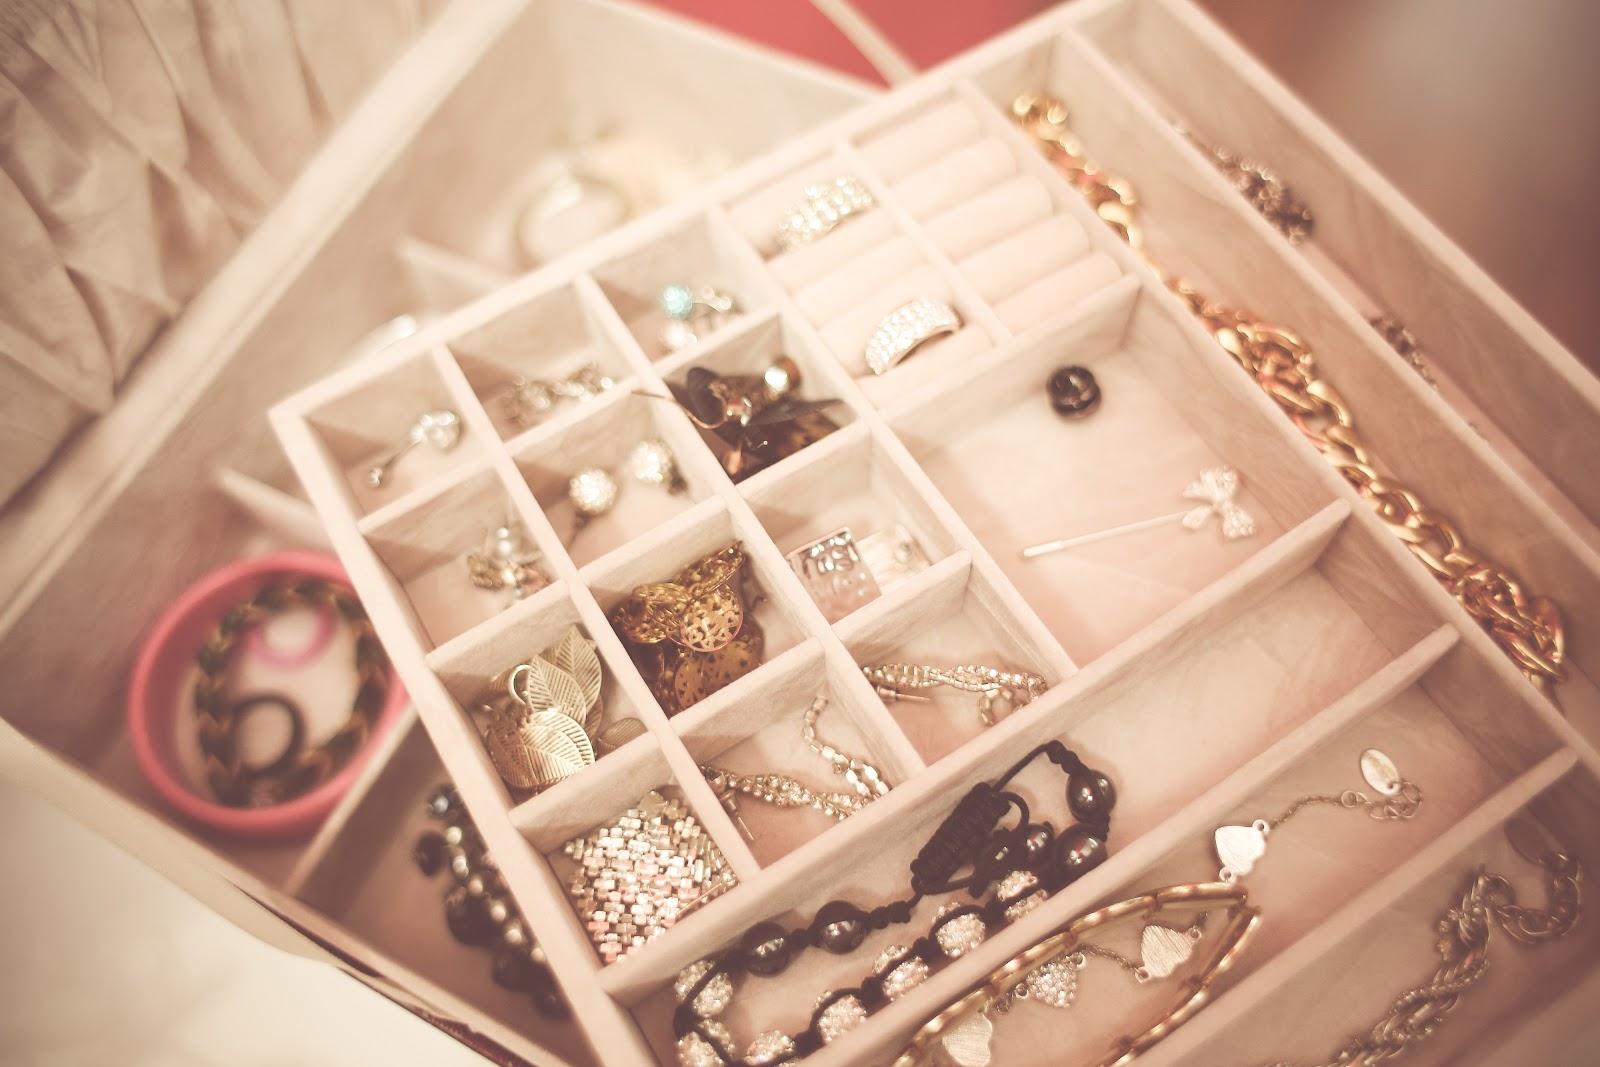 opened-jewelry-box-picjumbo-com.jpg